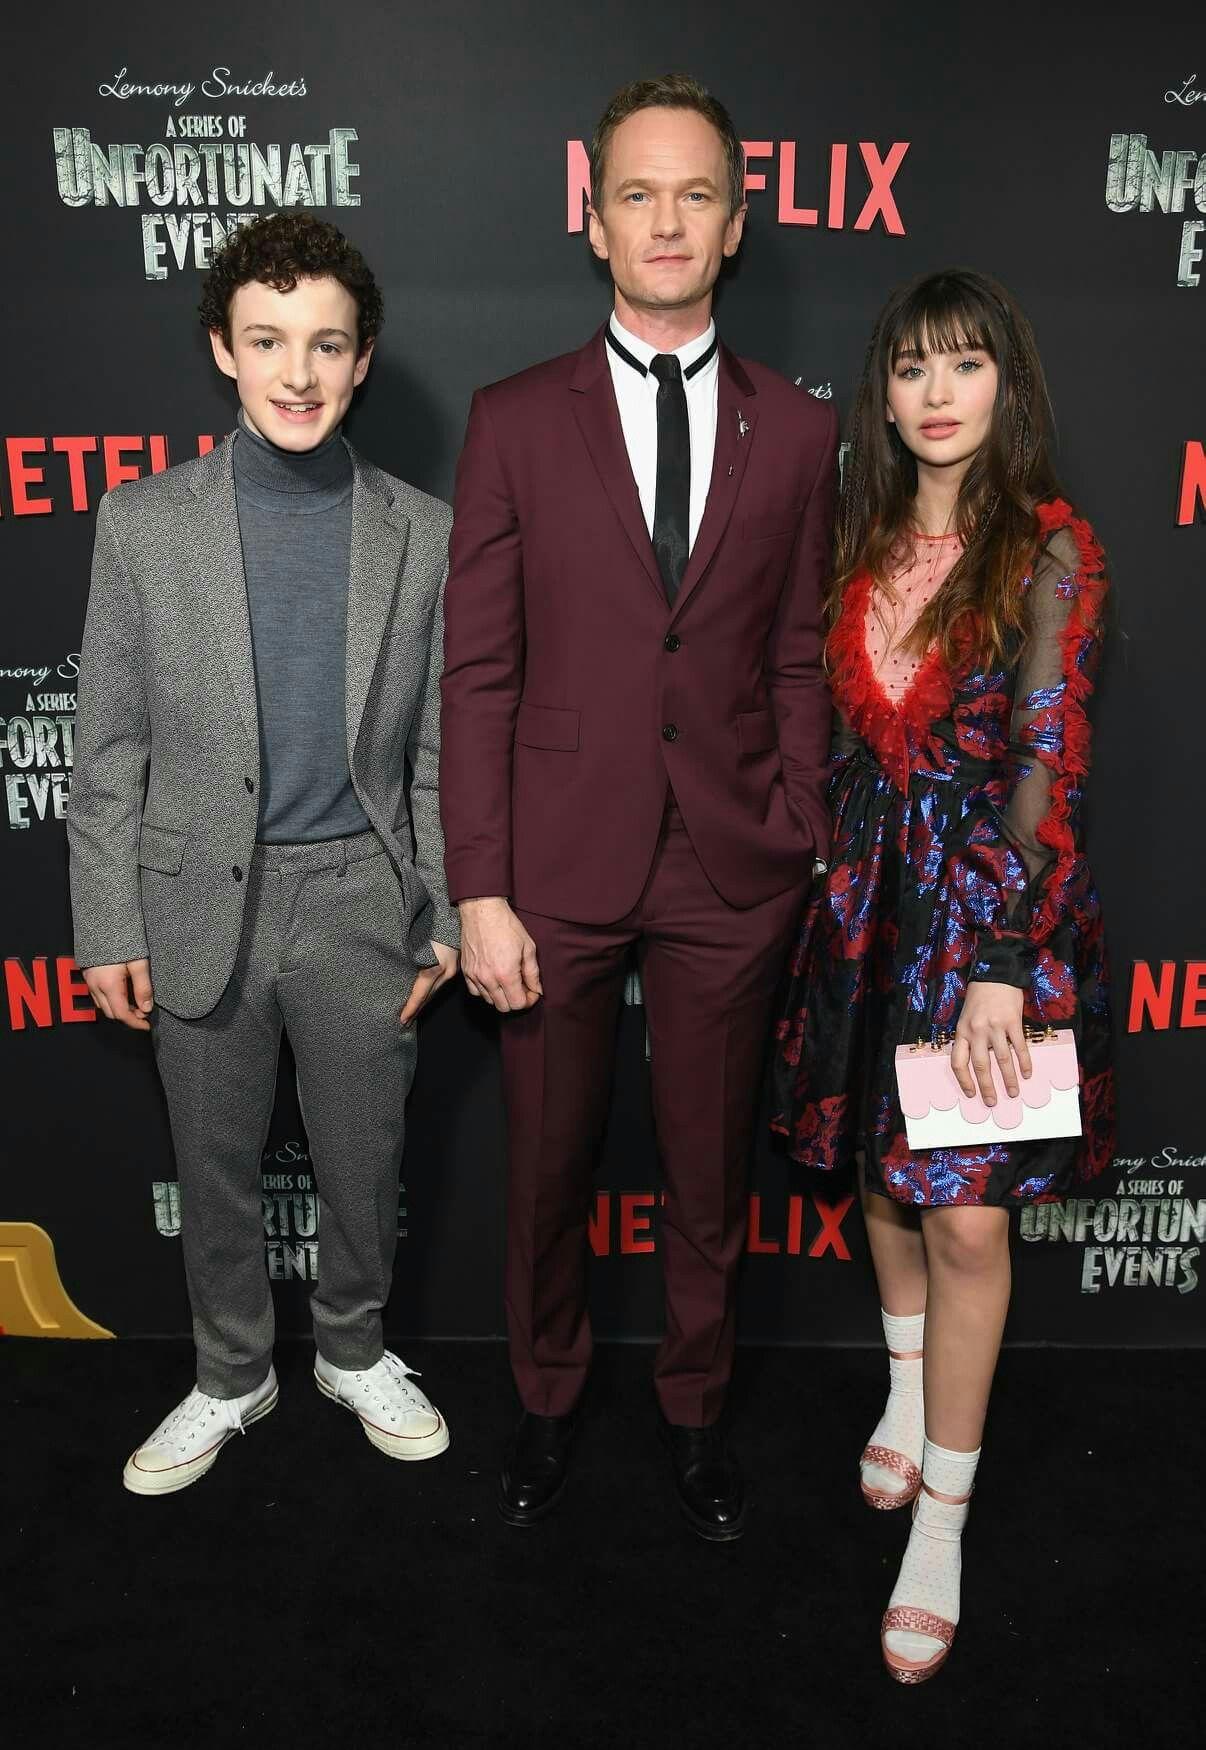 Asoue Netflix A Series Of Unfortunate Events Netflix A Series